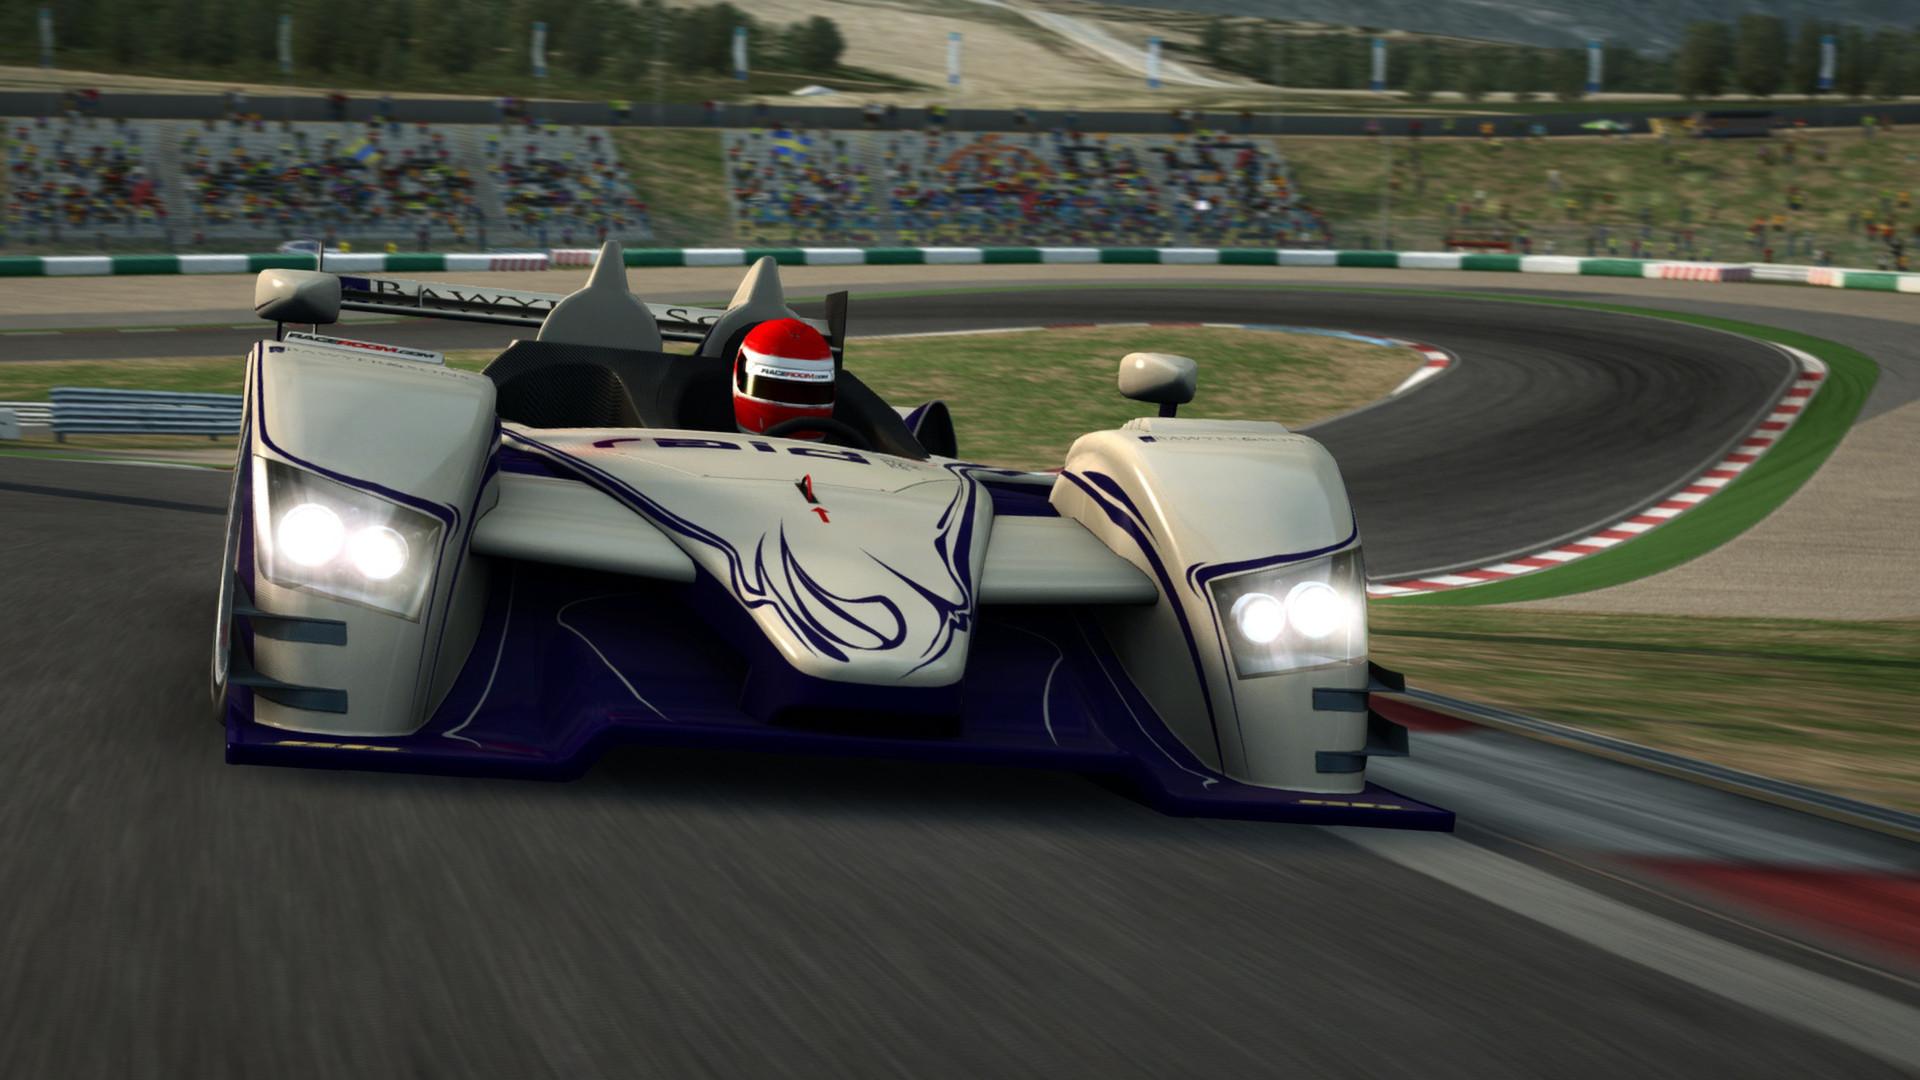 Élőben szimulátorozik az F1-live.hu: Virtuális versenyzőnek áll a stáb! Csatlakozz és figyeld őket ÉLŐBEN! (16:00)